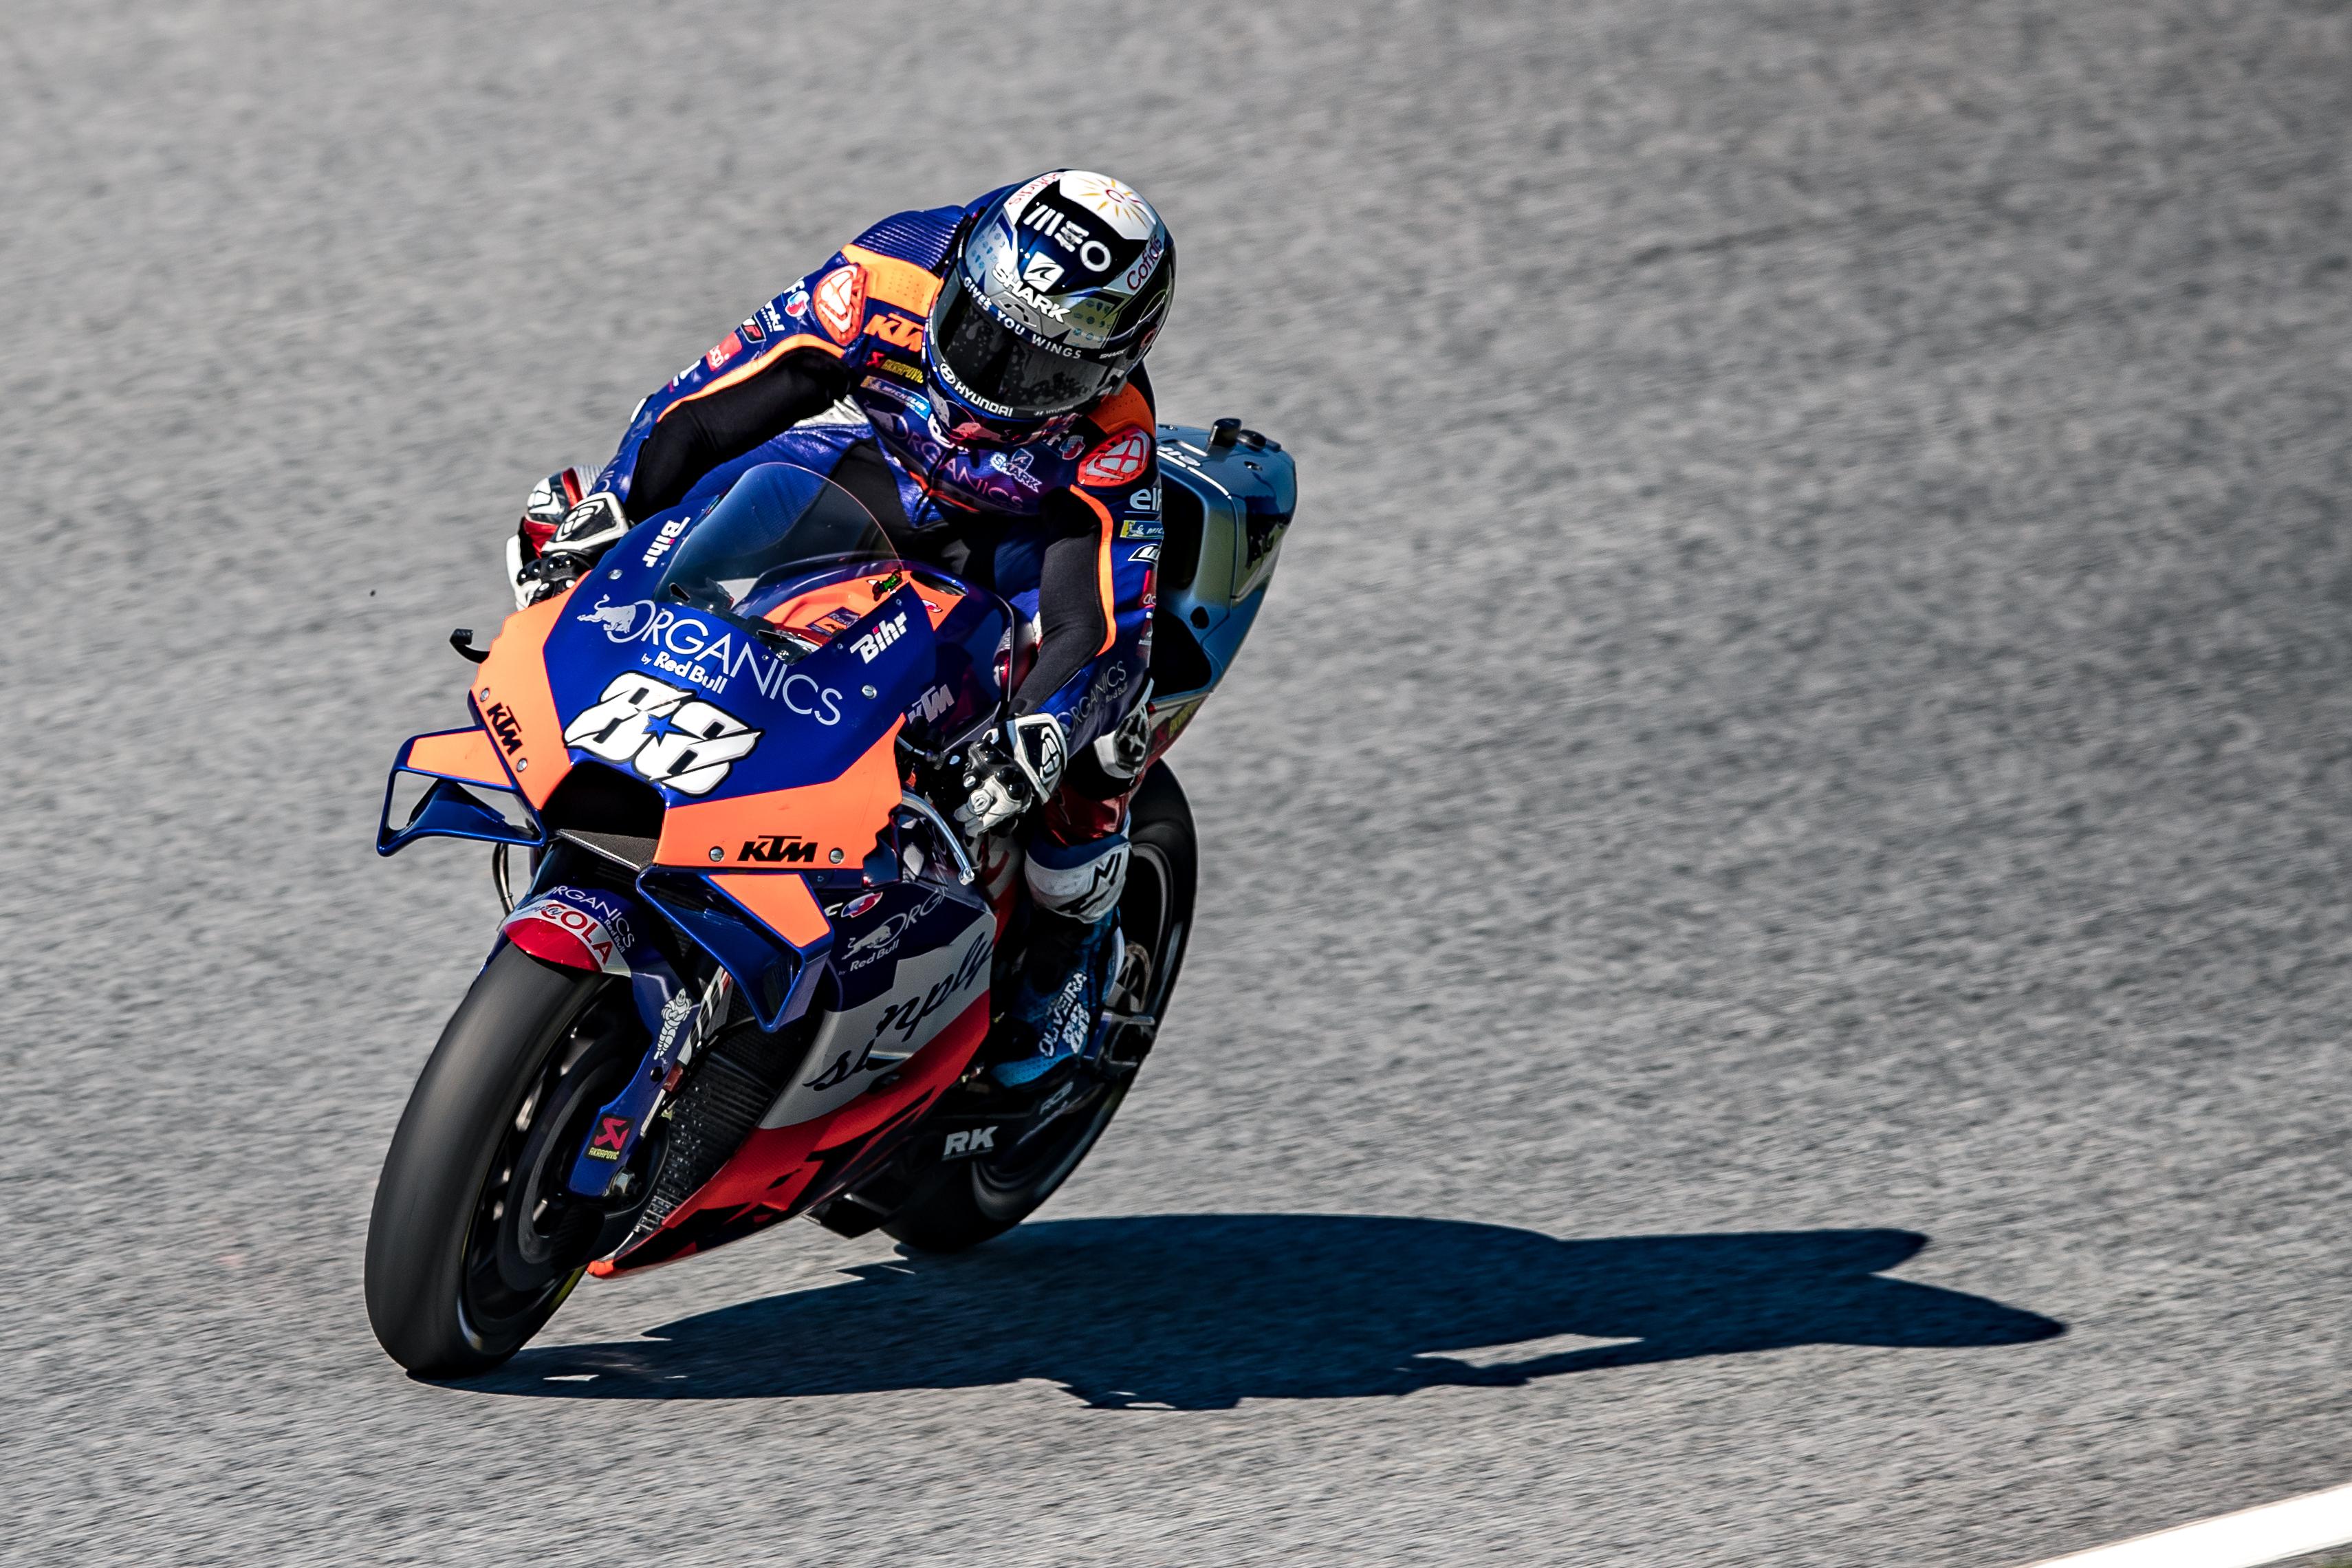 MOTOGP | Miguel Oliveira faz história ao alcançar a primeira vitória no campeonato do mundo de MotoGP 7